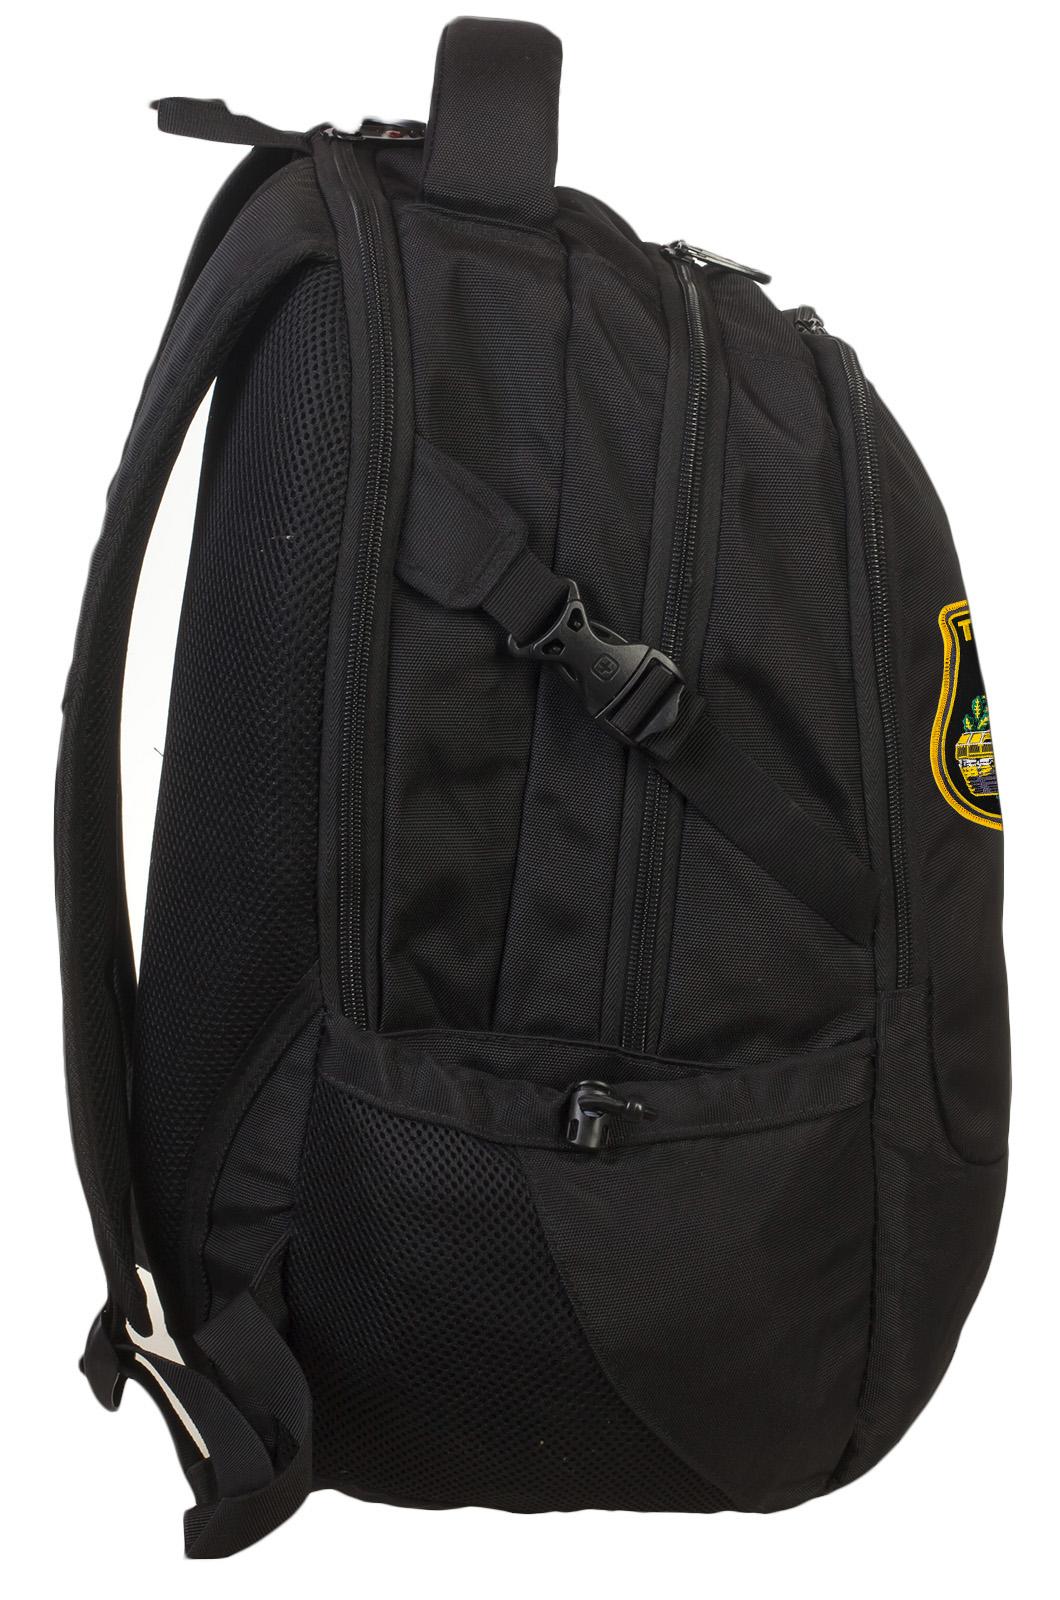 Крутой практичный рюкзак с нашивкой Танковые Войска - купить выгодно